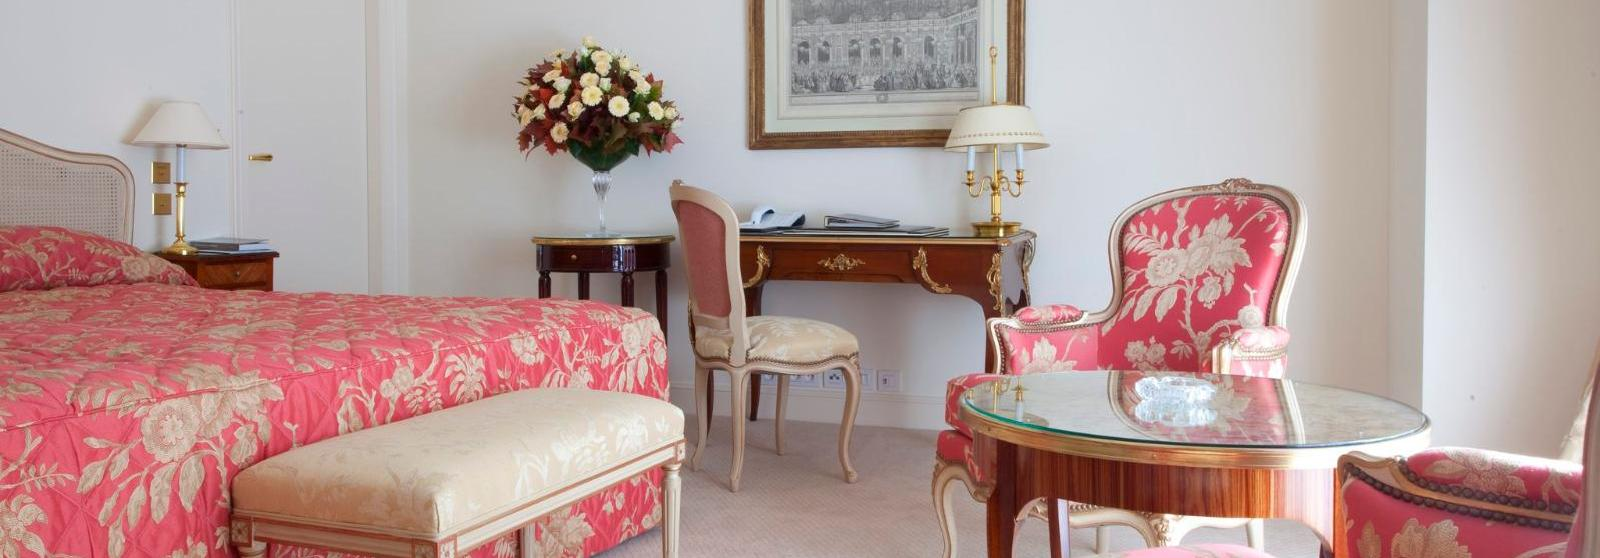 巴黎勒布里斯托酒店 - 欧特家酒店集团(Le Bristol Paris, Oetker Collection) 豪华客房图片  www.lhw.cn